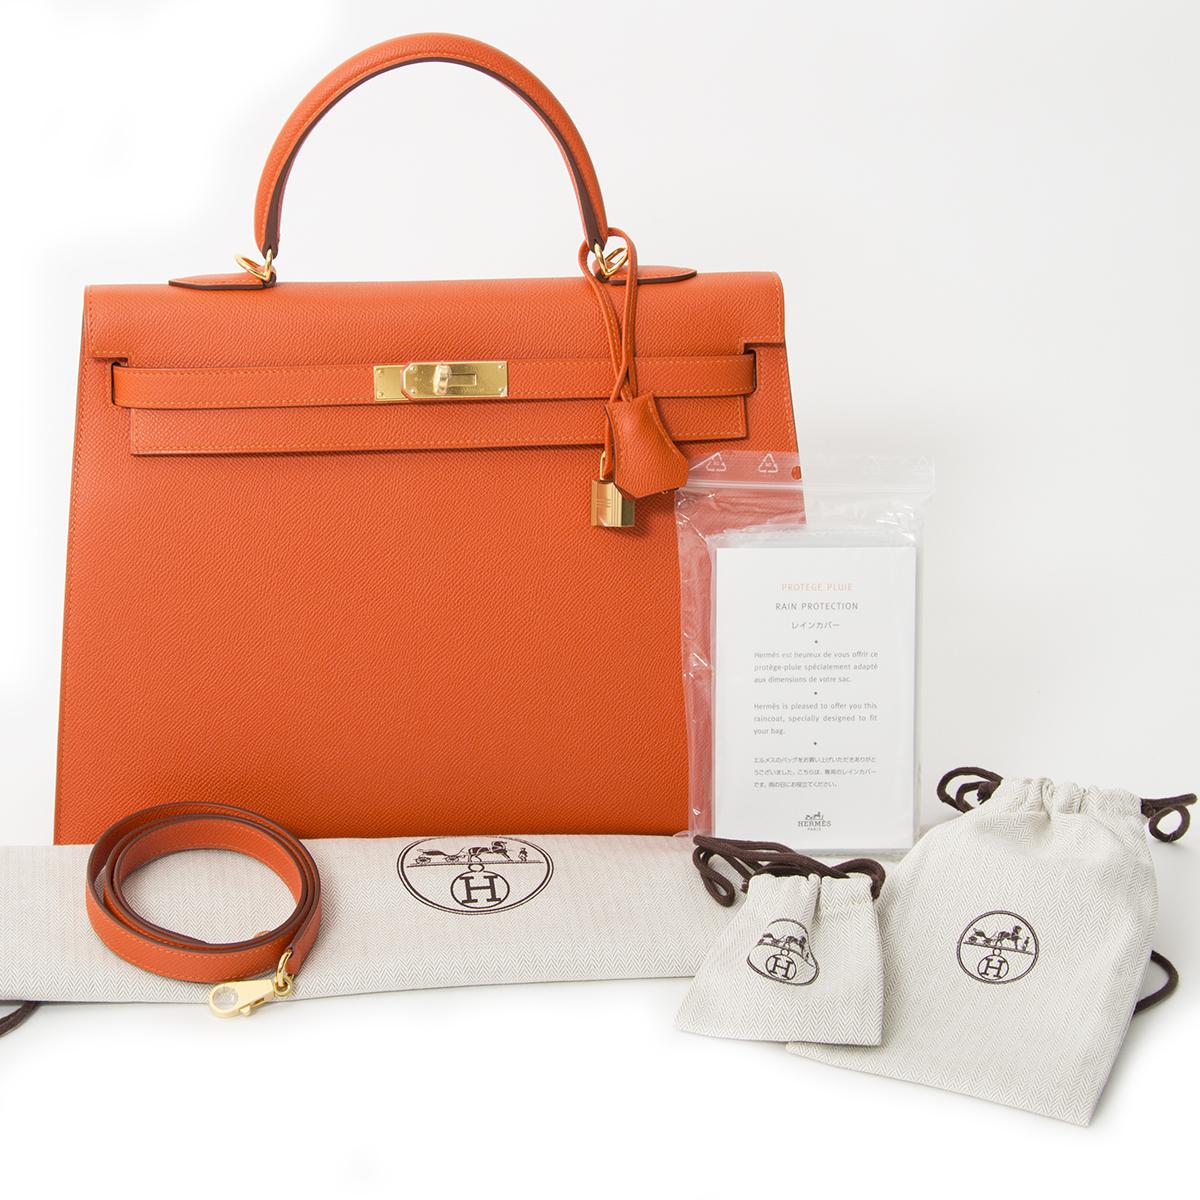 acheter en ligne seconde main sac a main Hermès Kelly 35 Feu Epsom GHW comme neuf pour le meilleur prix sac a main Hermès Kelly 35 Feu Epsom GHW